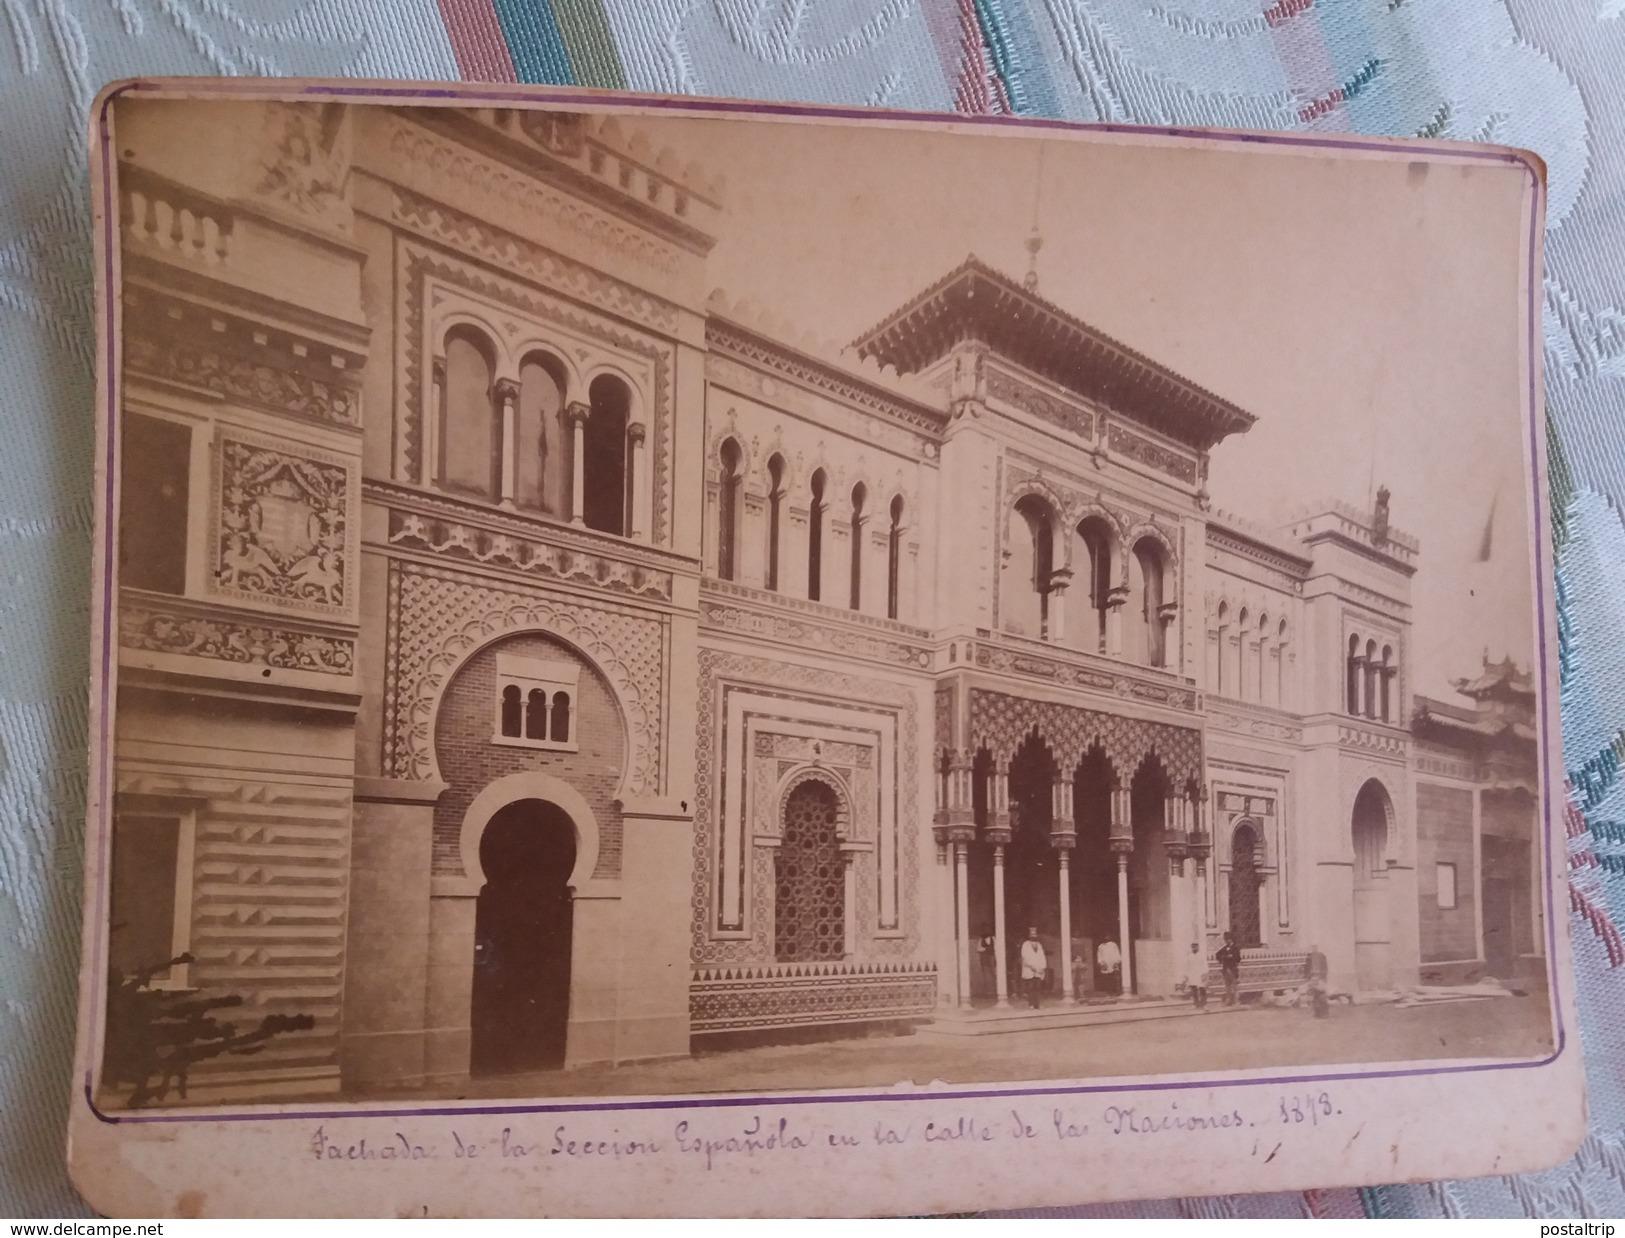 FACHA DE LA SECCION ESPAÑOLA EN LA CALLE DE LAS NACIONES 1878 - FOTOGRAFIA ANTIGUA 16.5 X 10.5 CM - Fotos